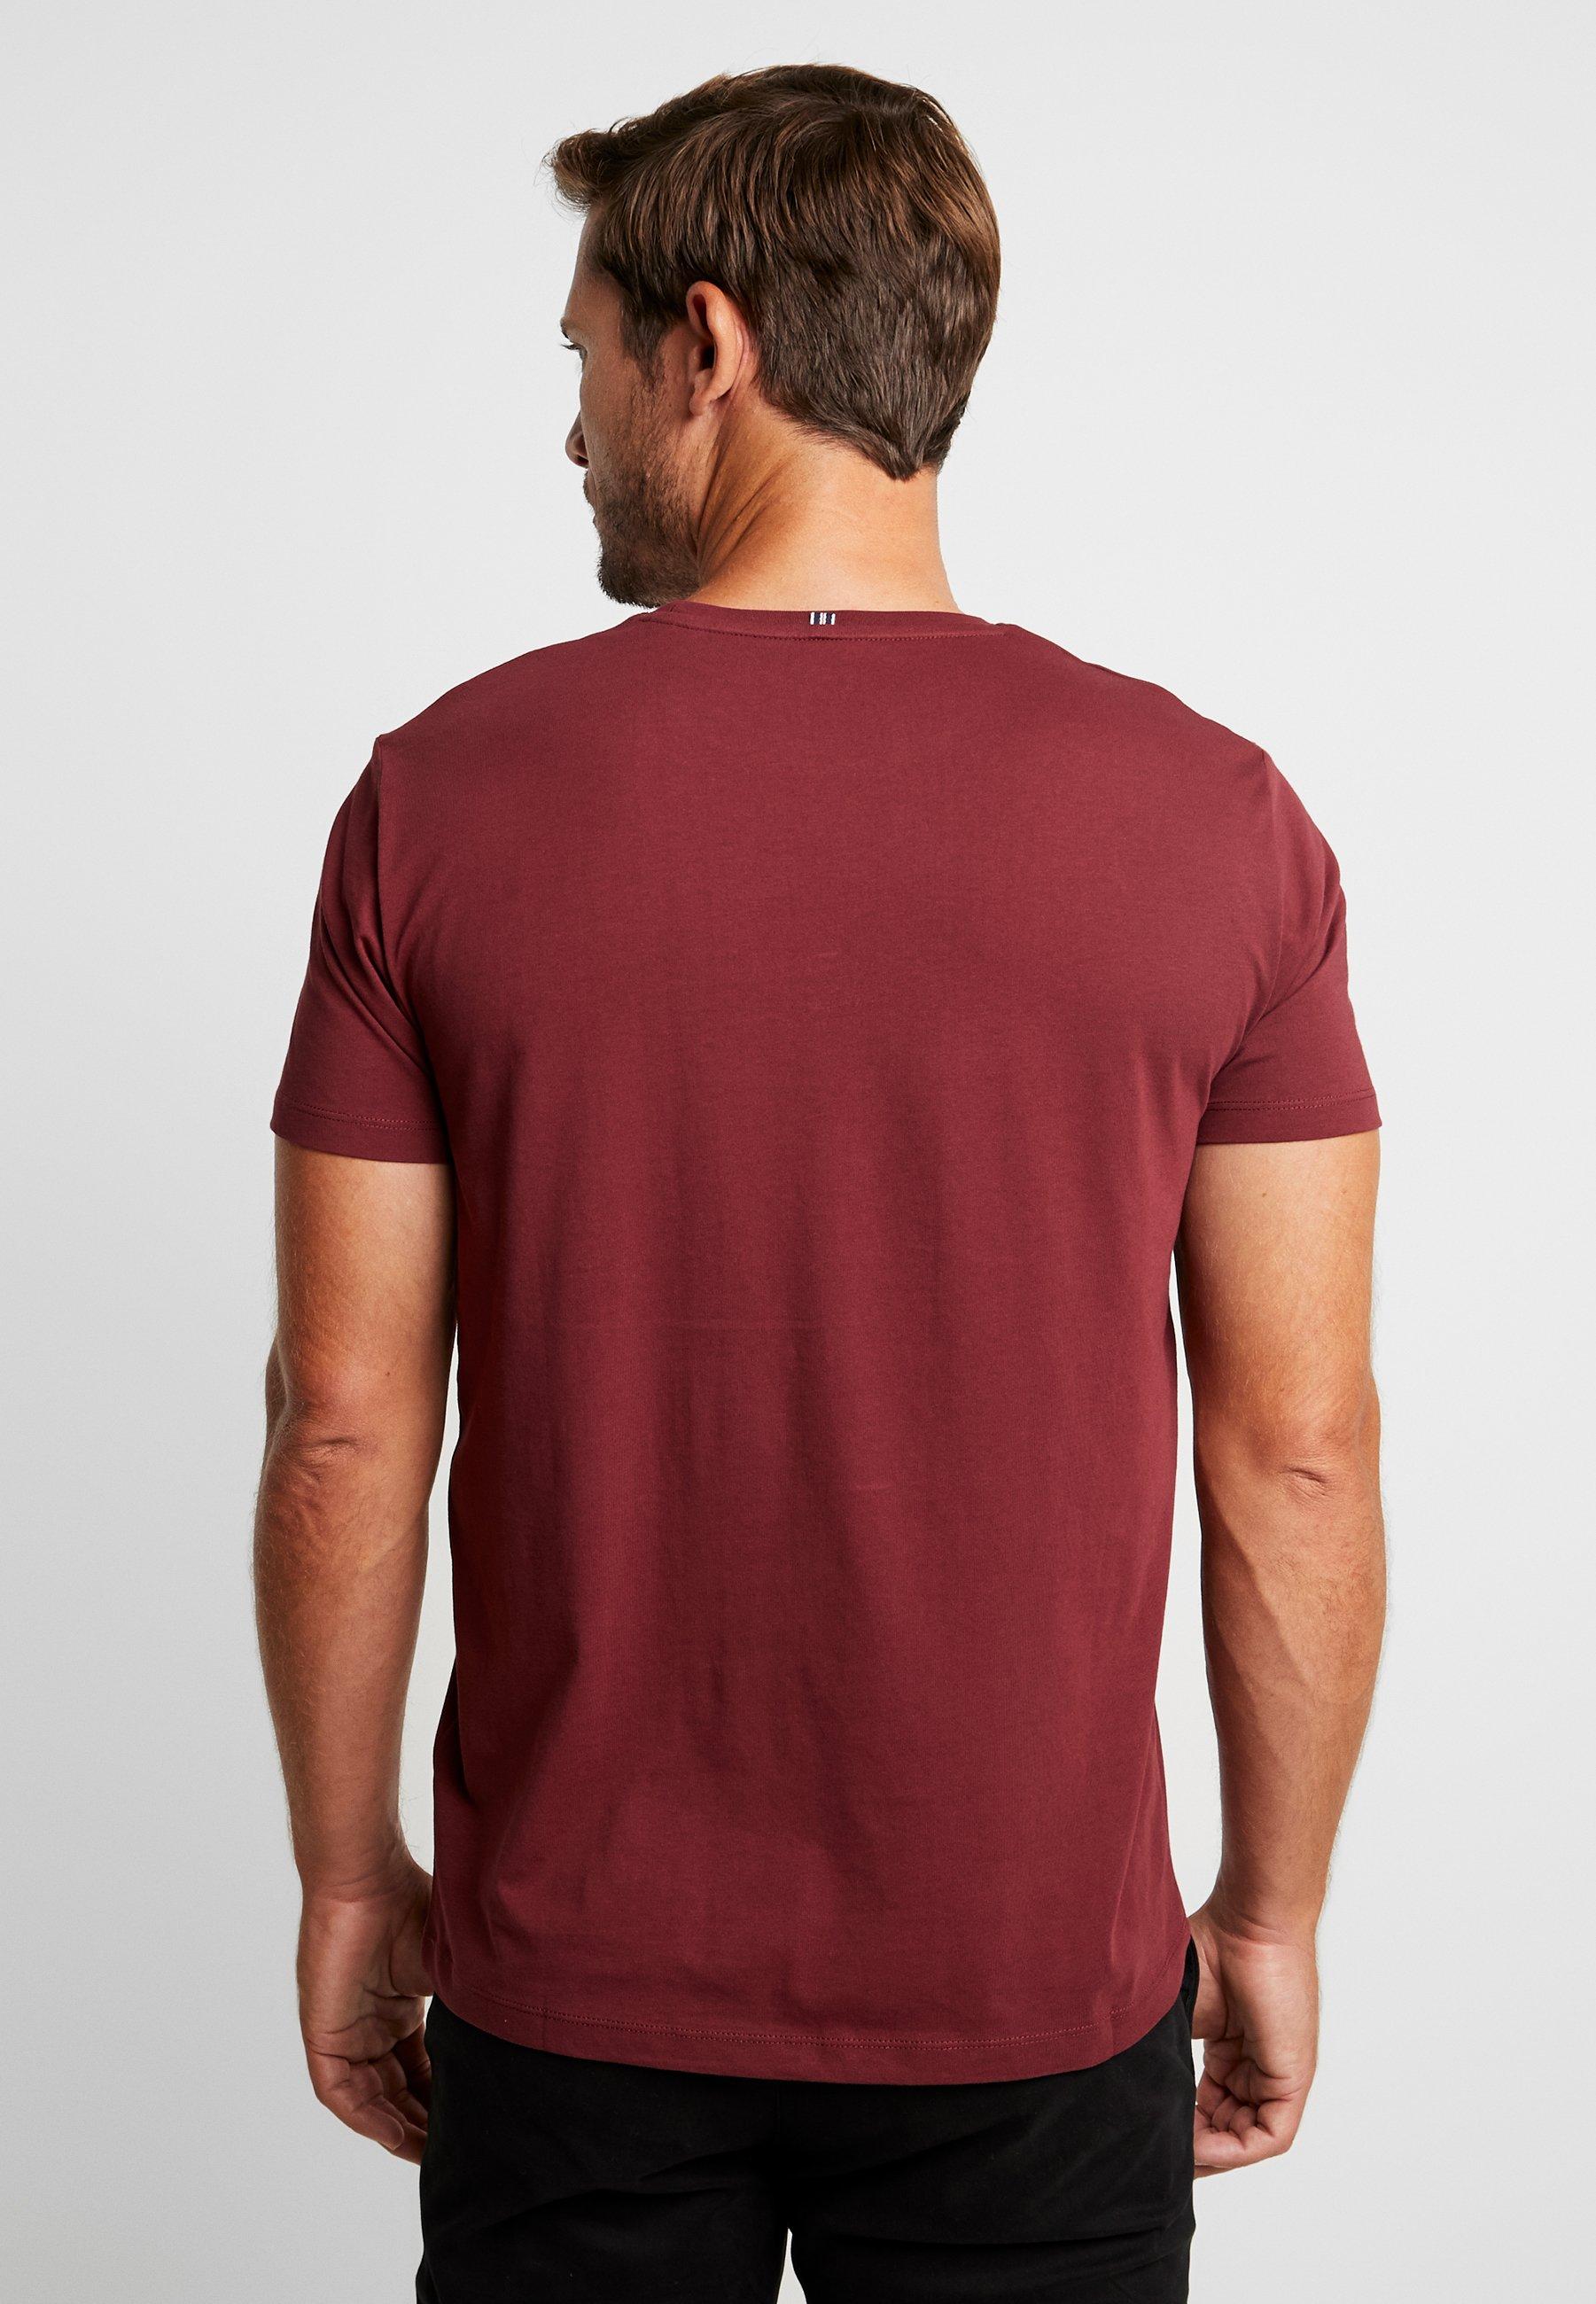 Esprit Bordeaux ModernT Red Imprimé shirt wnOPX80k